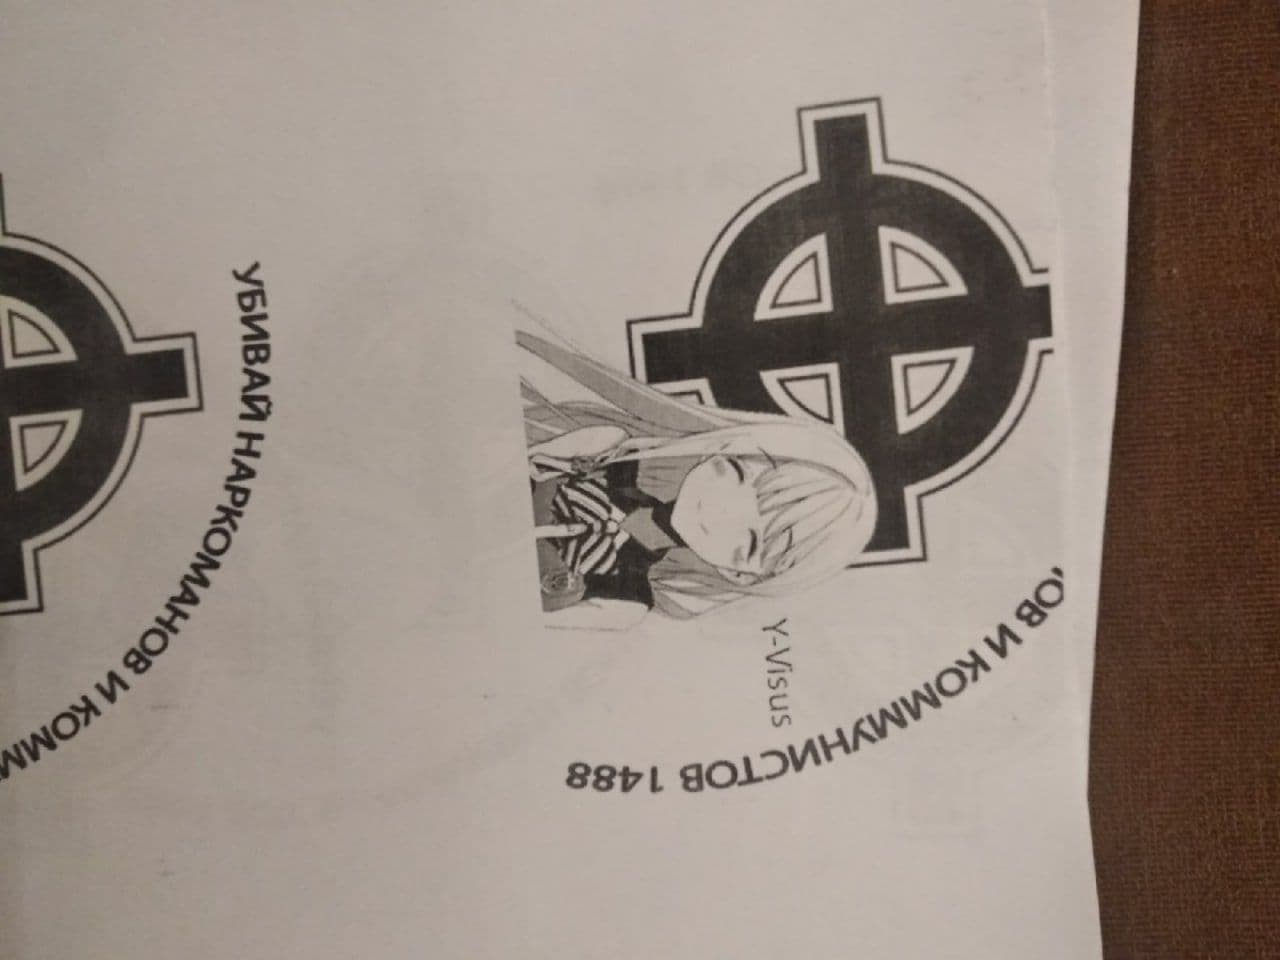 Во Владимире распространяли призыв убивать коммунистов